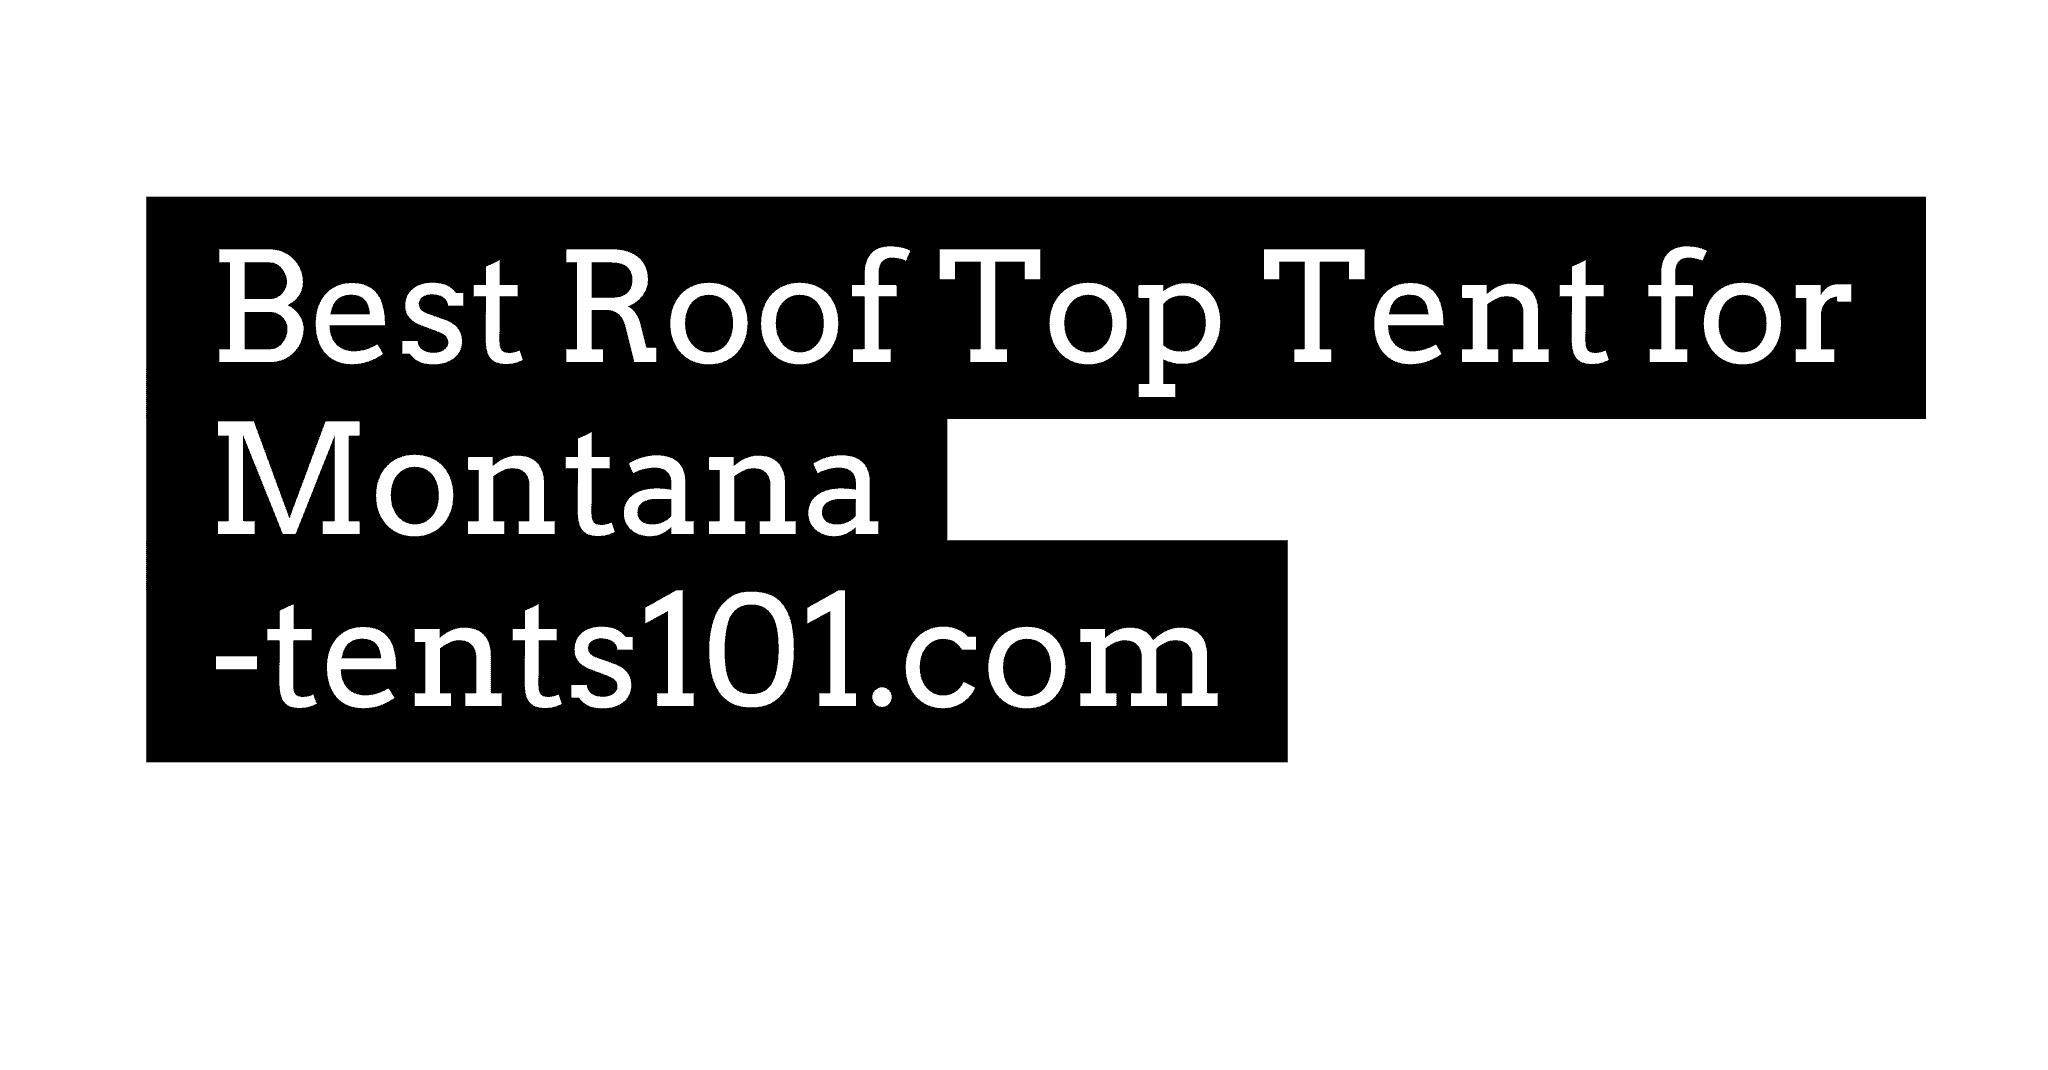 rooftop tent Montana